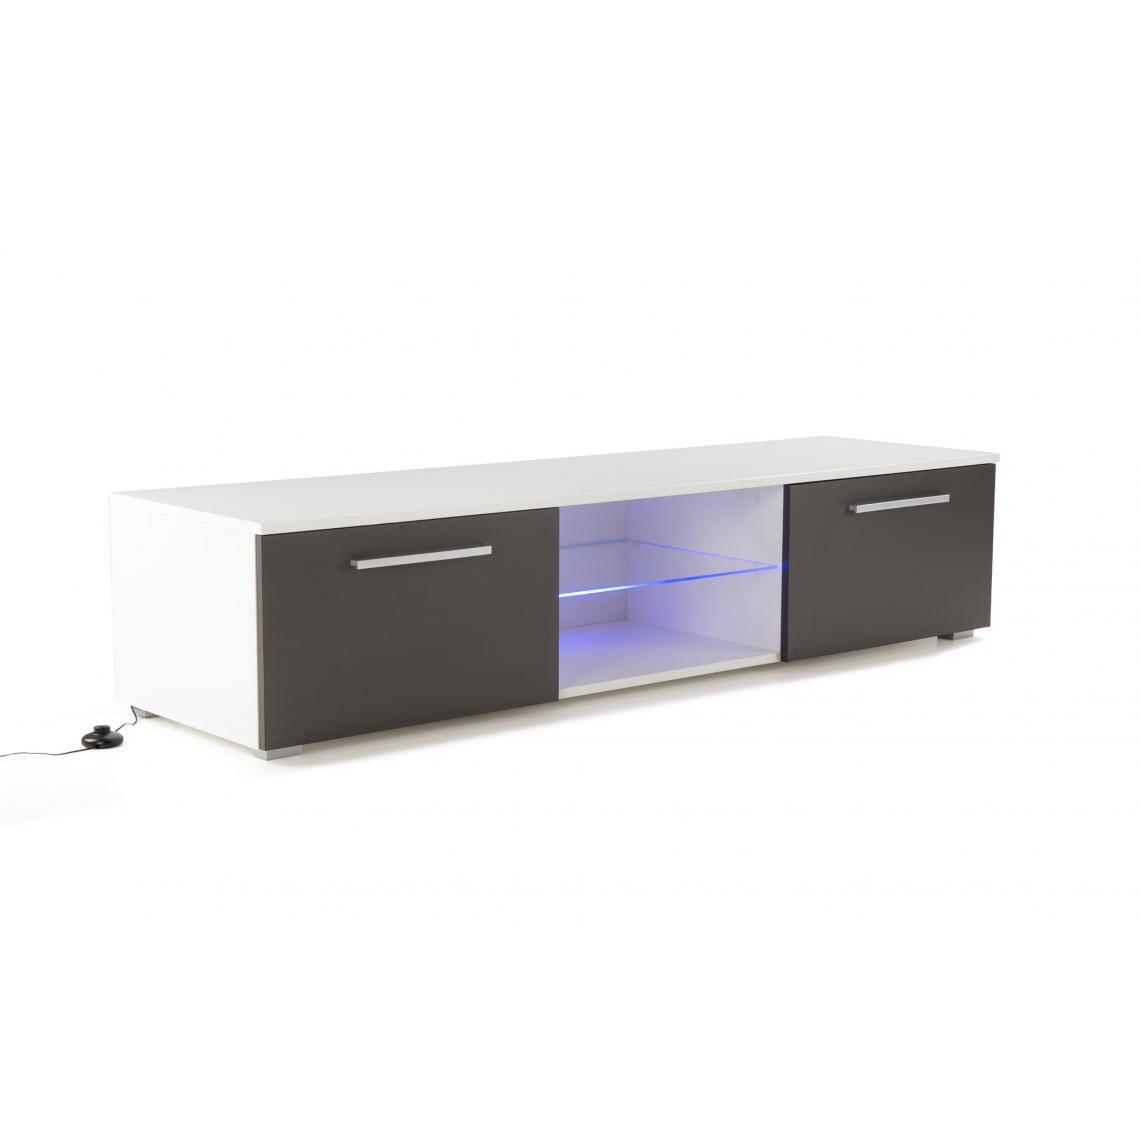 meuble tv led integree blanc gris salto